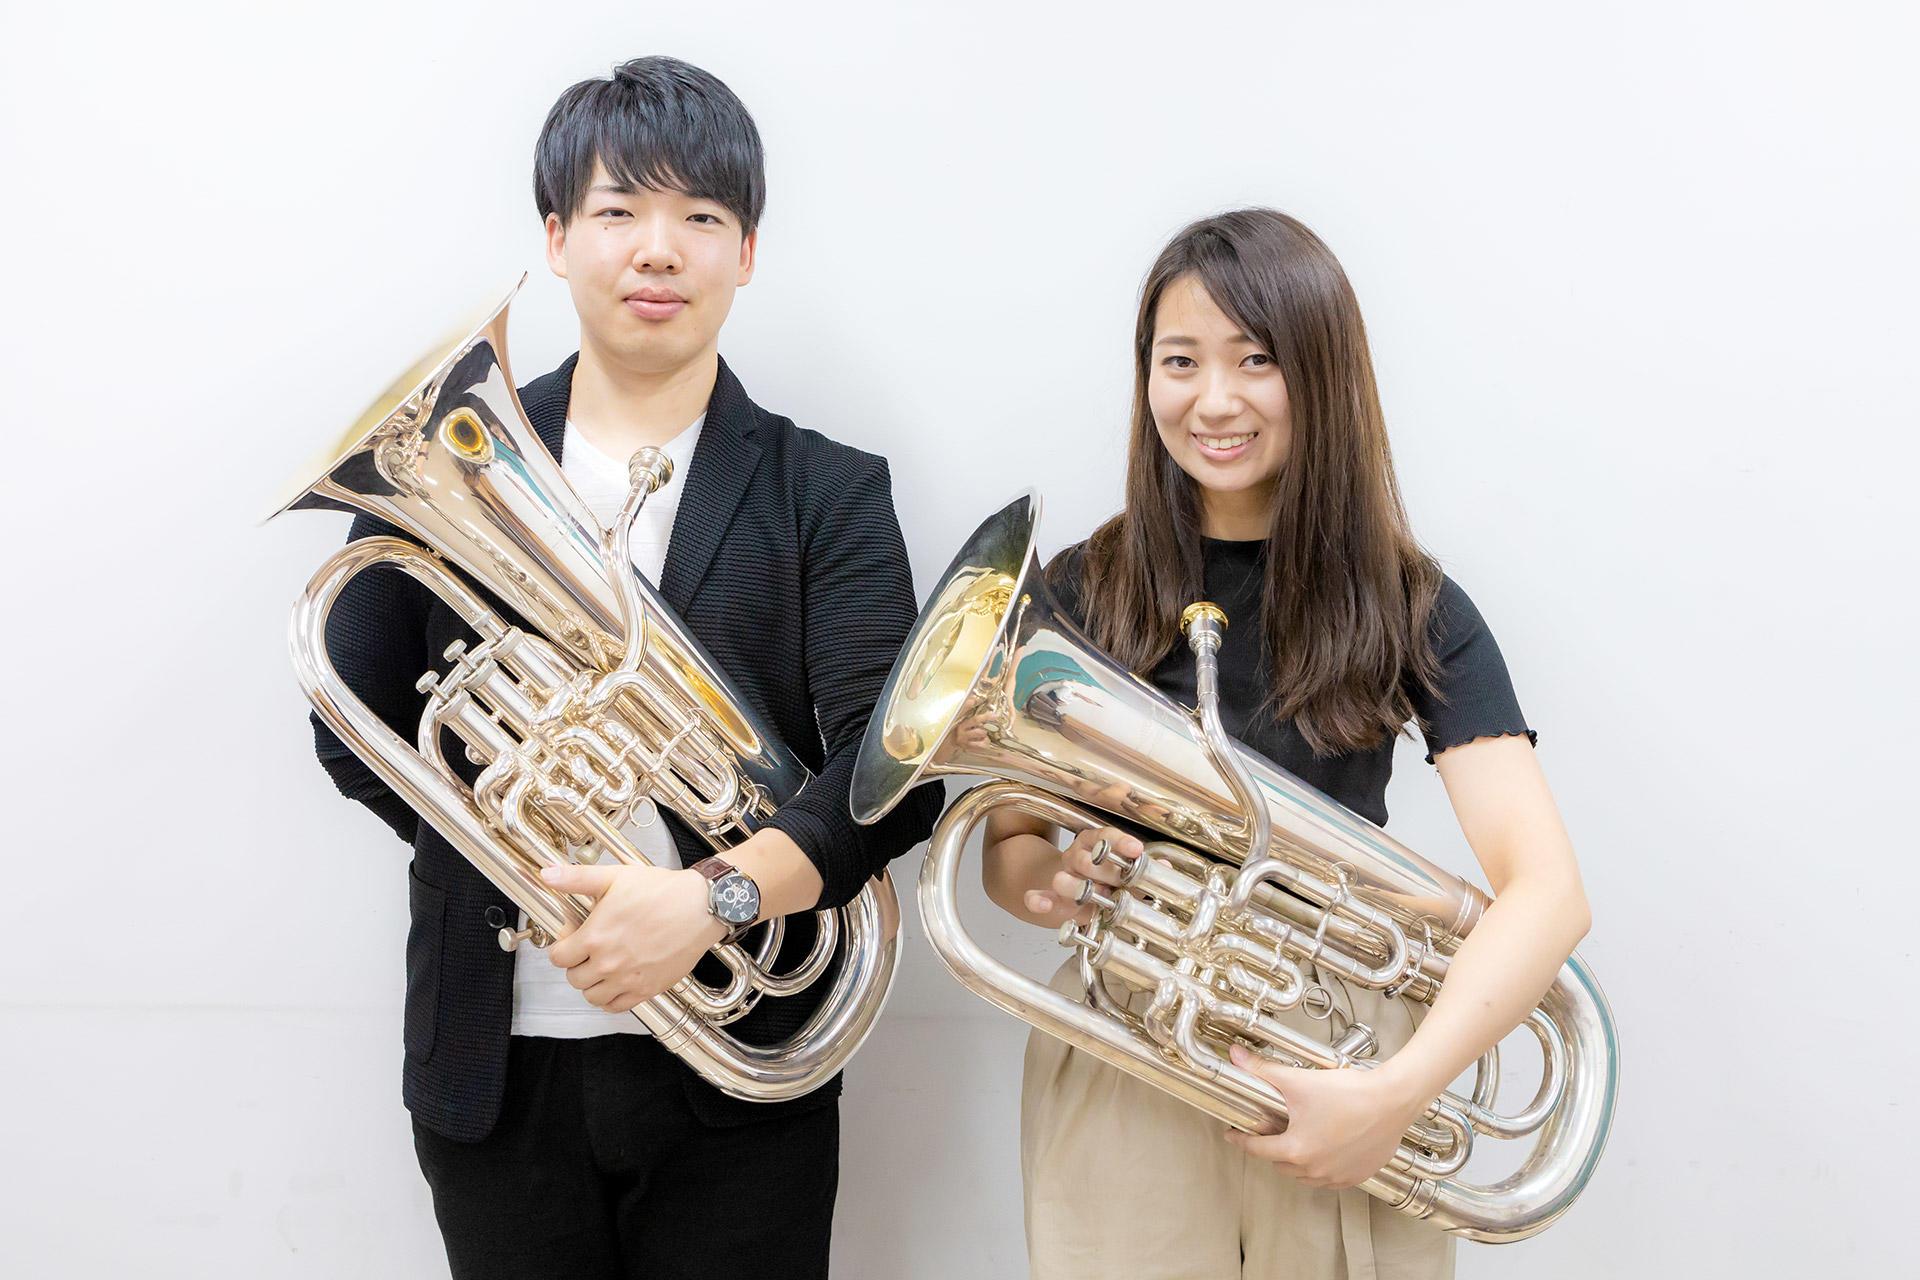 「2018年 第35回 日本管打楽器コンクール」ユーフォニアム部門で本学学生が入賞!